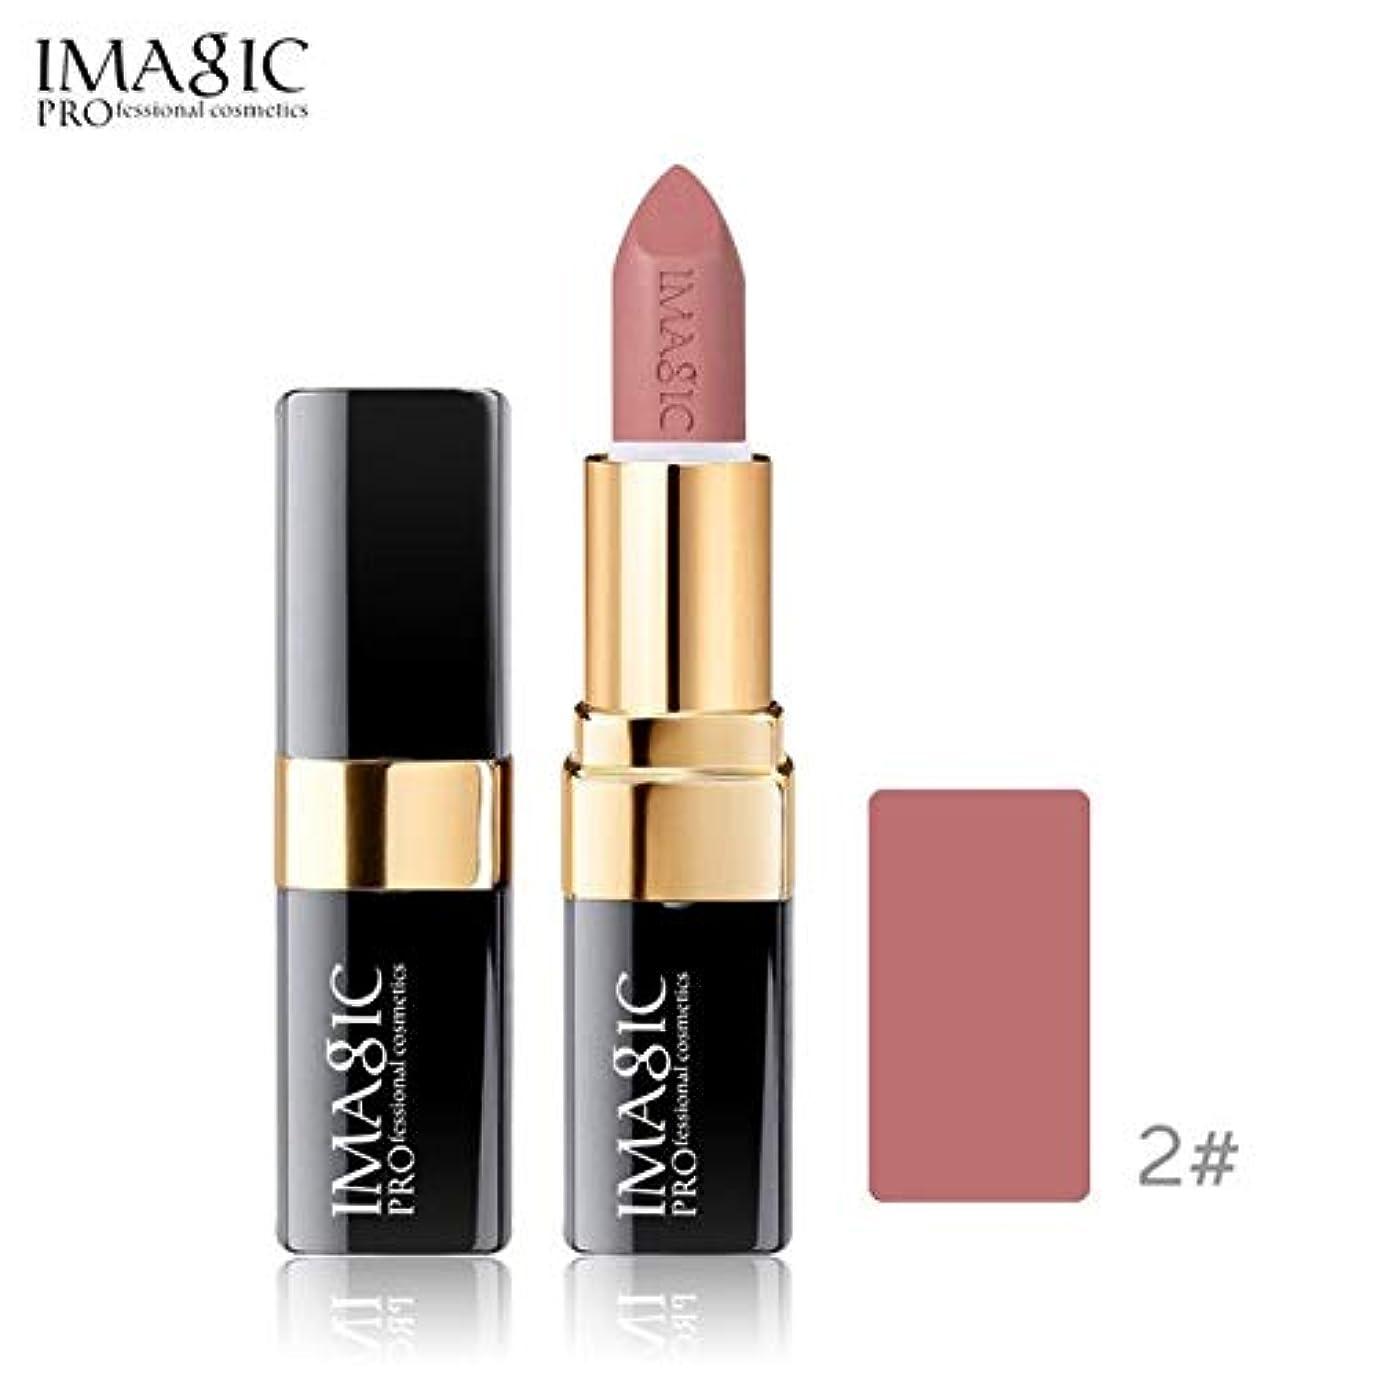 幸運なチャーミングトムオードリースNOTEイマジック12色口紅モイスチャライザー唇滑らかなリップスティック長続きがする魅力的なリップ口紅化粧品美容メイク